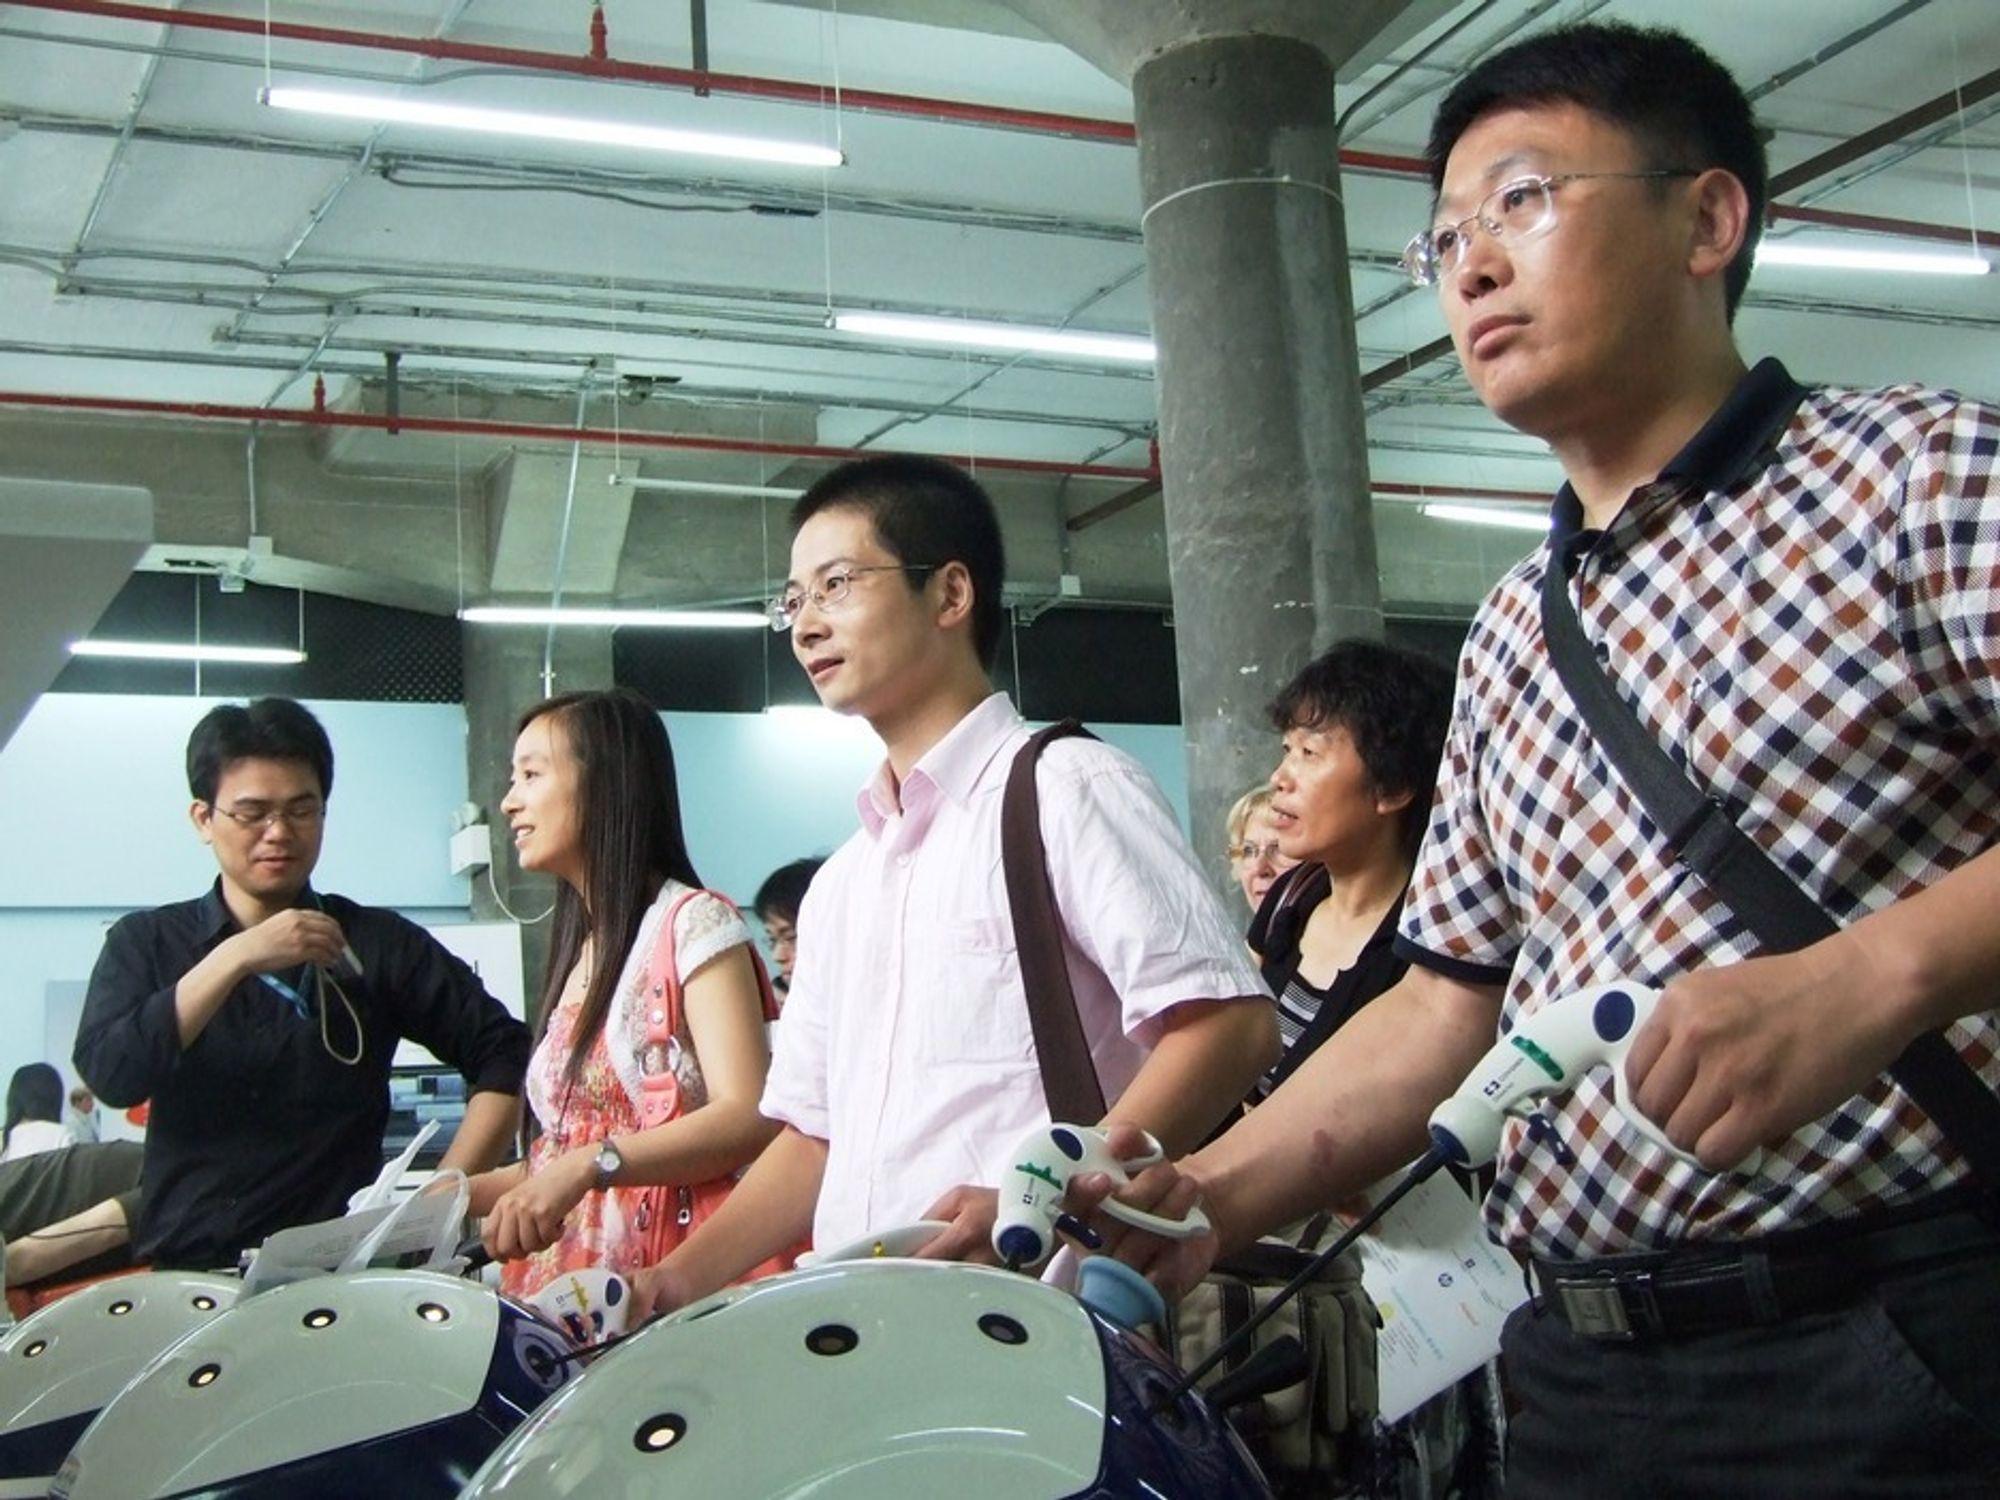 Lapskill Medicals demonstrasjonsutstyr for simulering av kikkhullskirurgi ble solgt til et kinesisk sykehus.